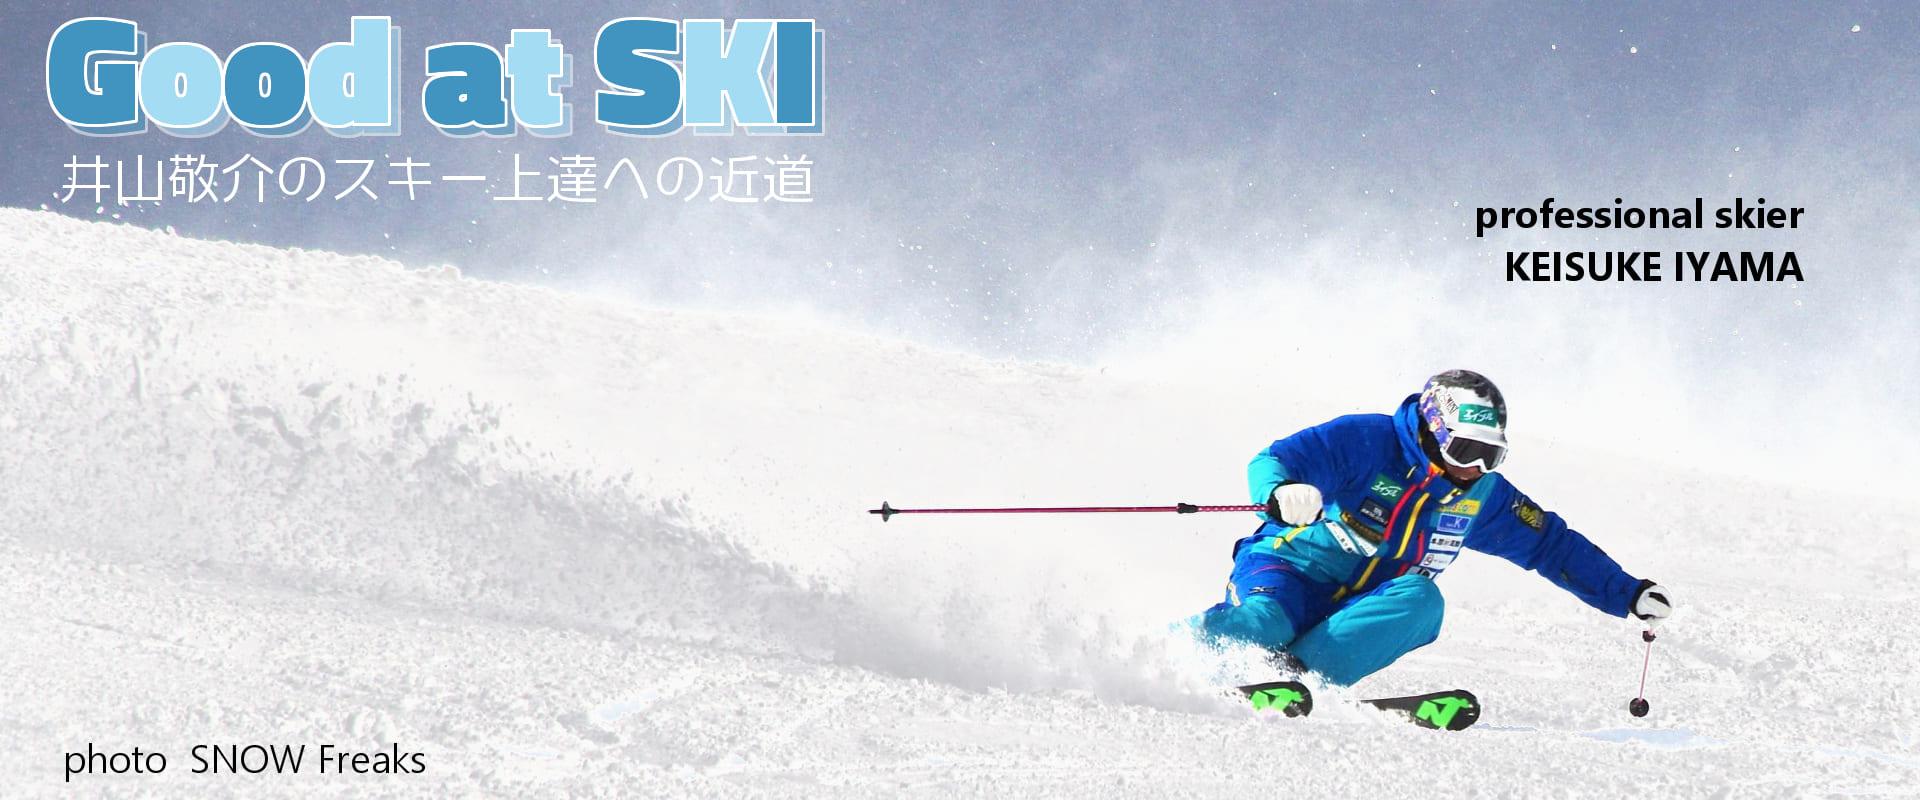 井山敬介『スキー上達への近道』official shop